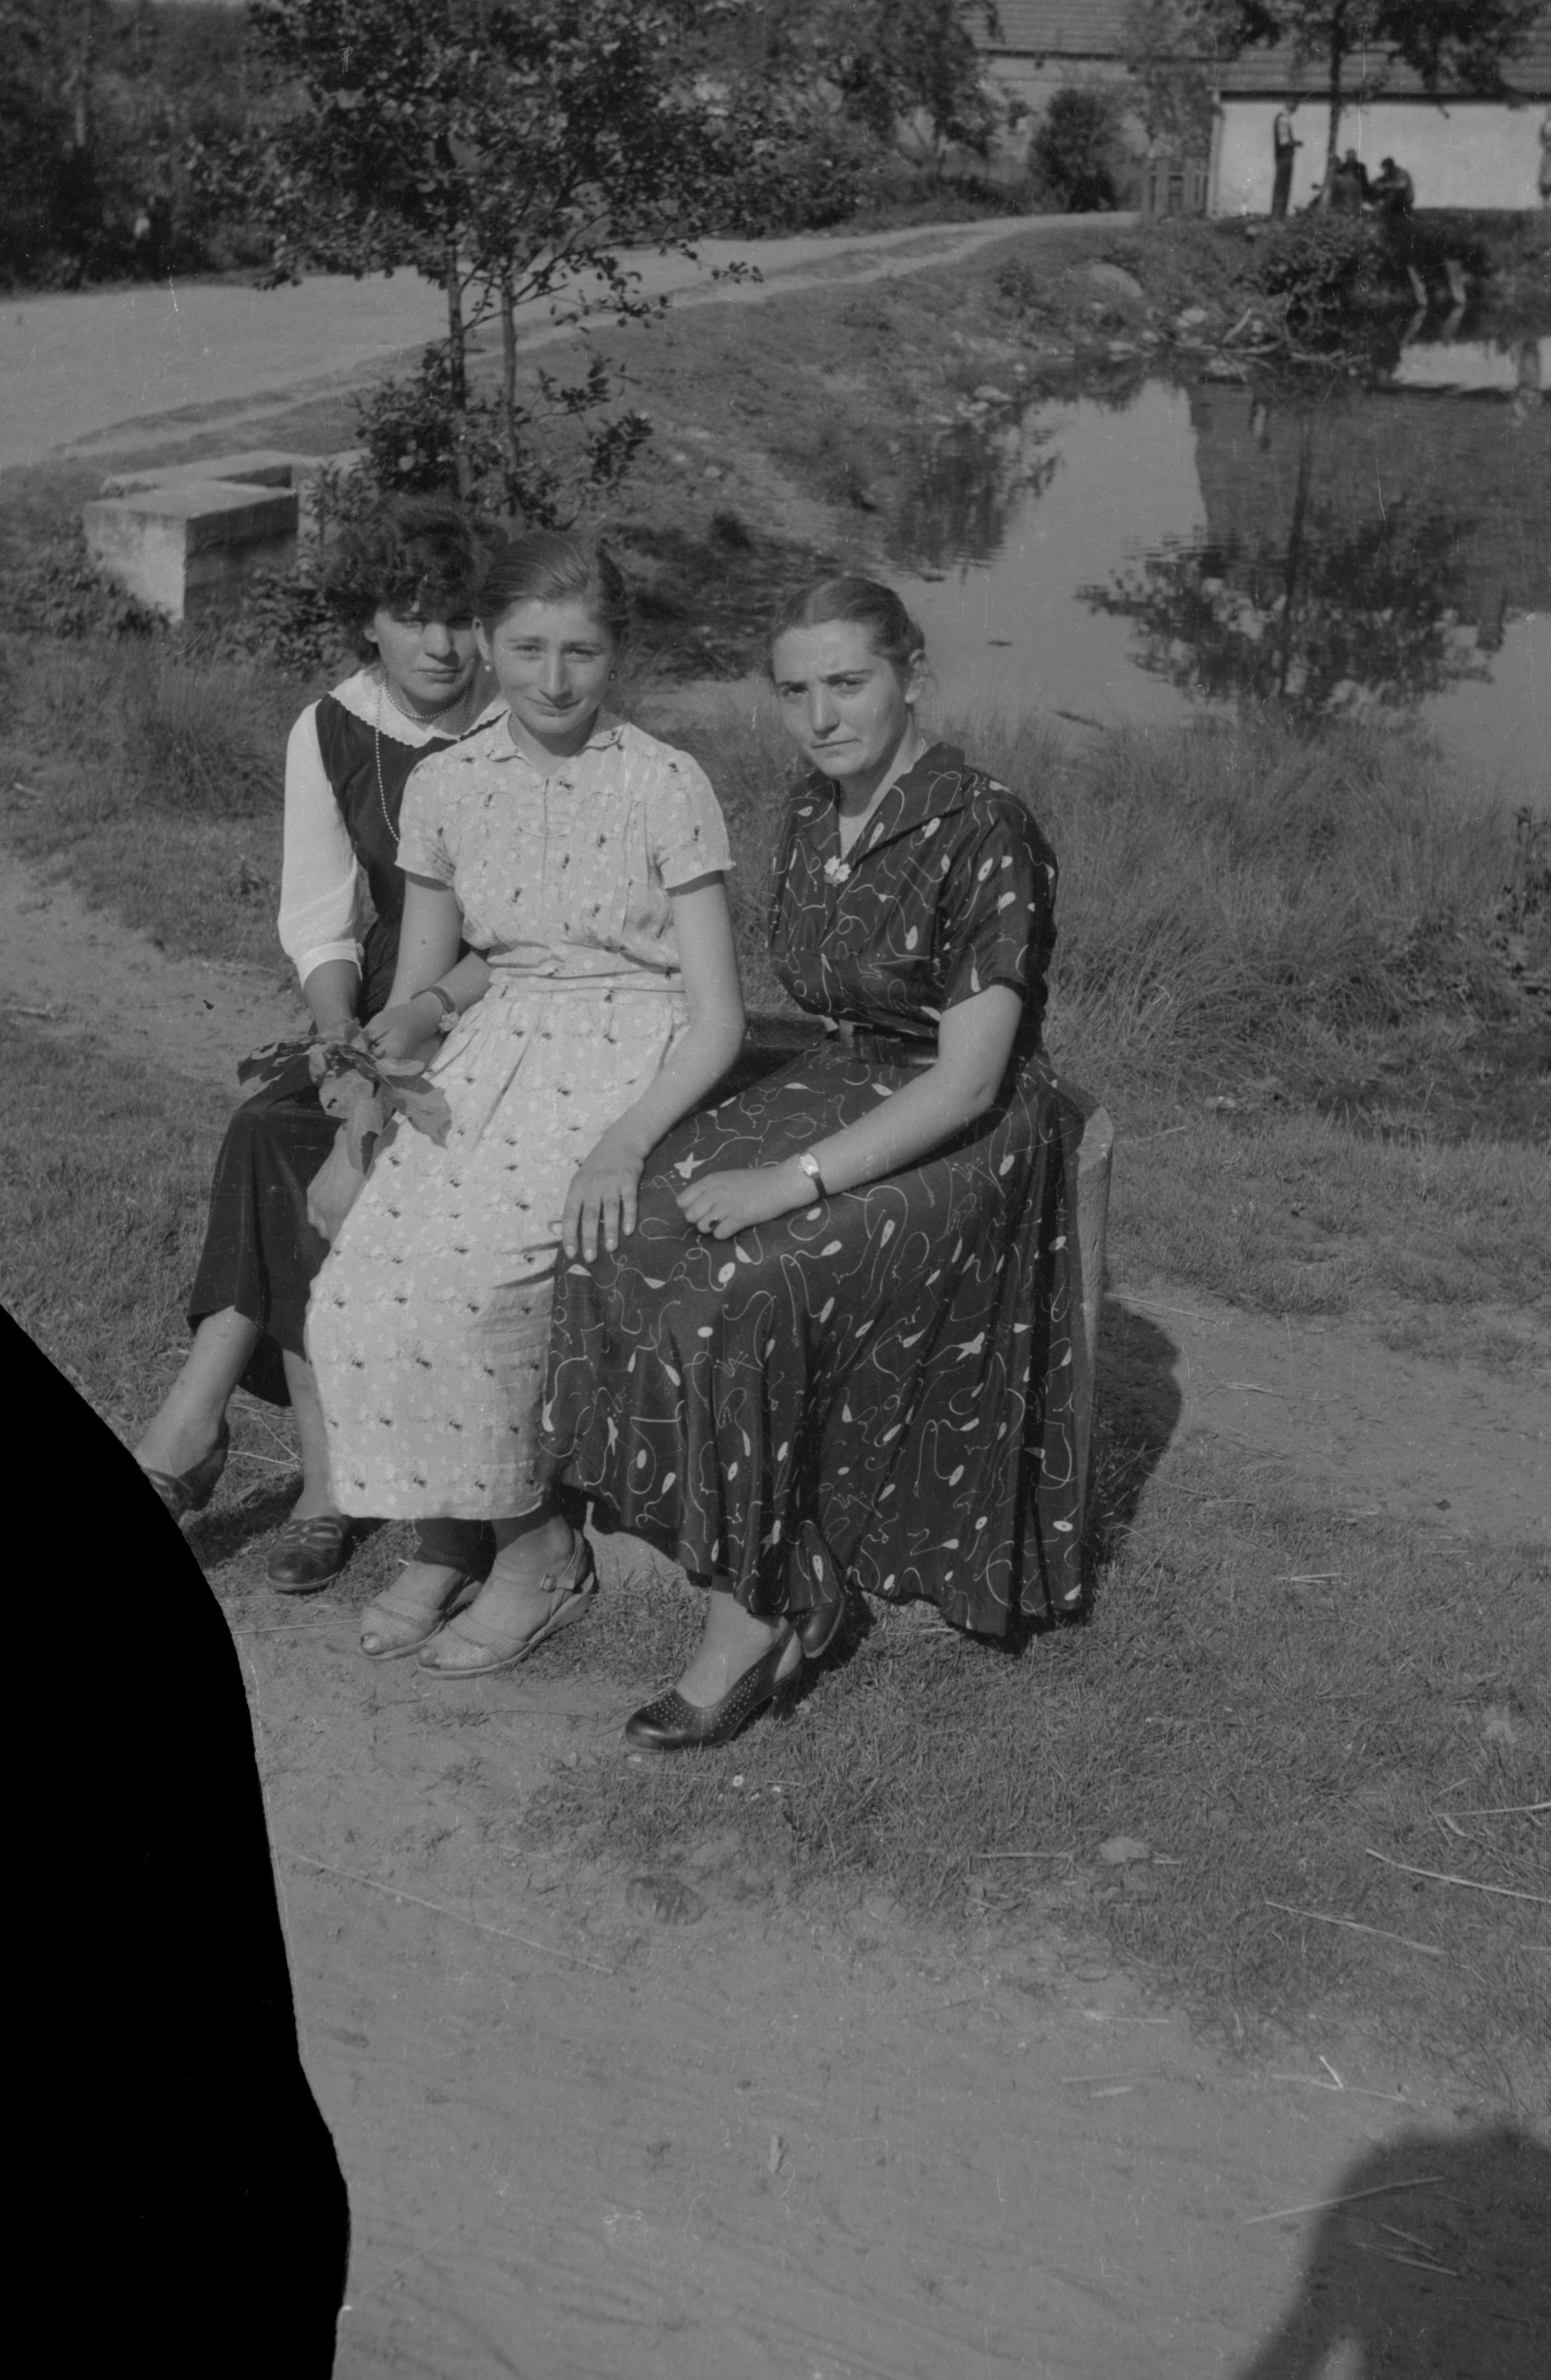 Trzy młode panie na ławce, Dolny Śląsk, 2. poł. XX w.